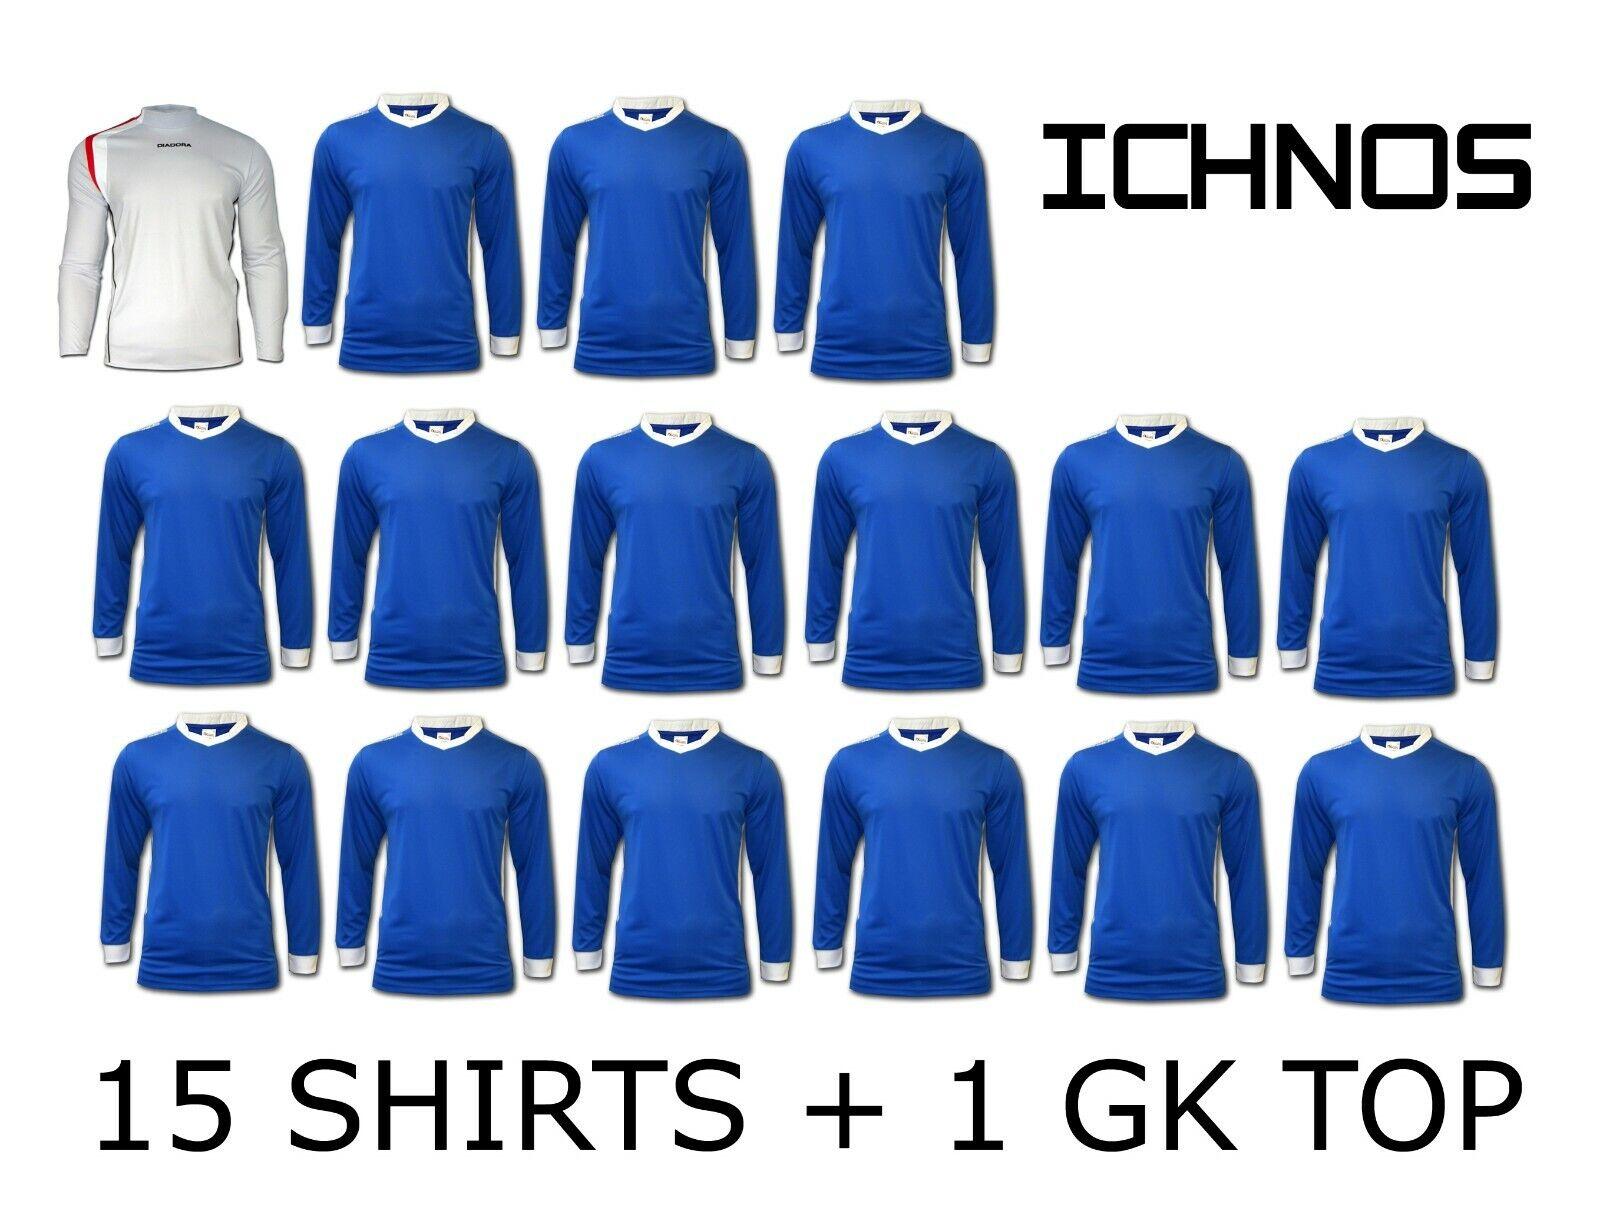 ICHNOS Azul Kit de equipo de día para adultos match Fútbol Camisas (15 jugadores 1 GK superior)